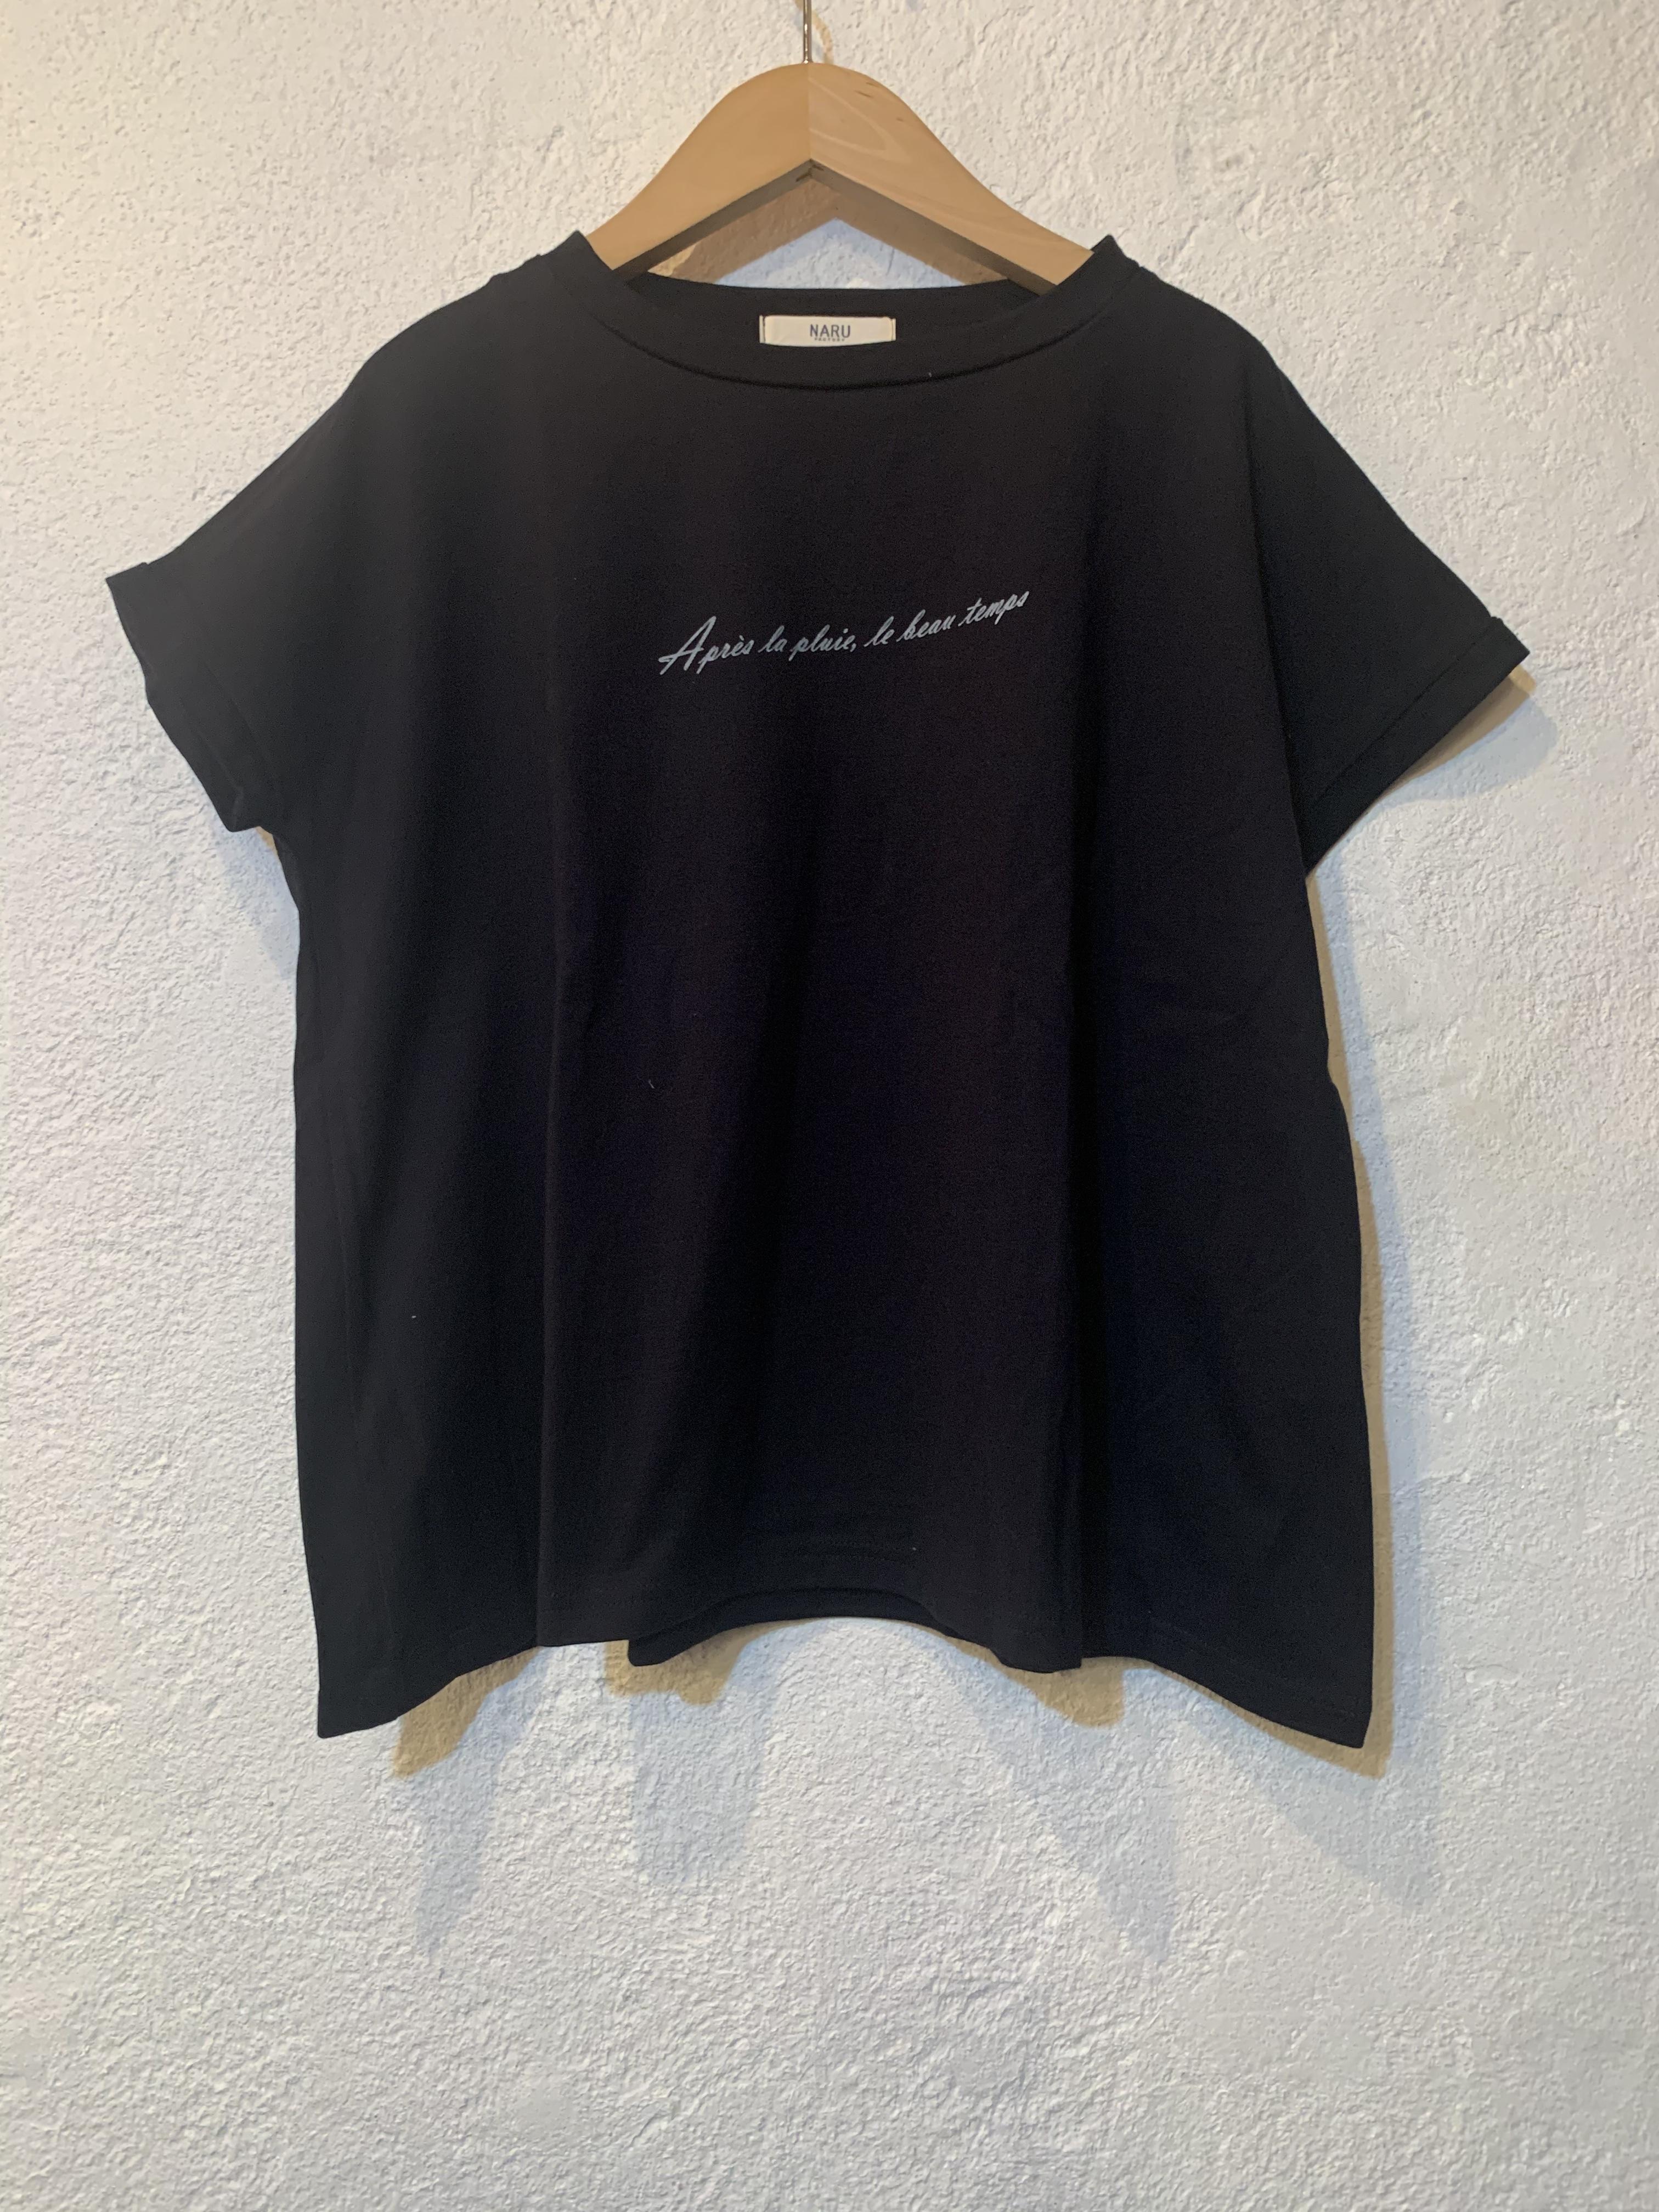 NARU/クラシック天竺AラインTシャツ  ブラック